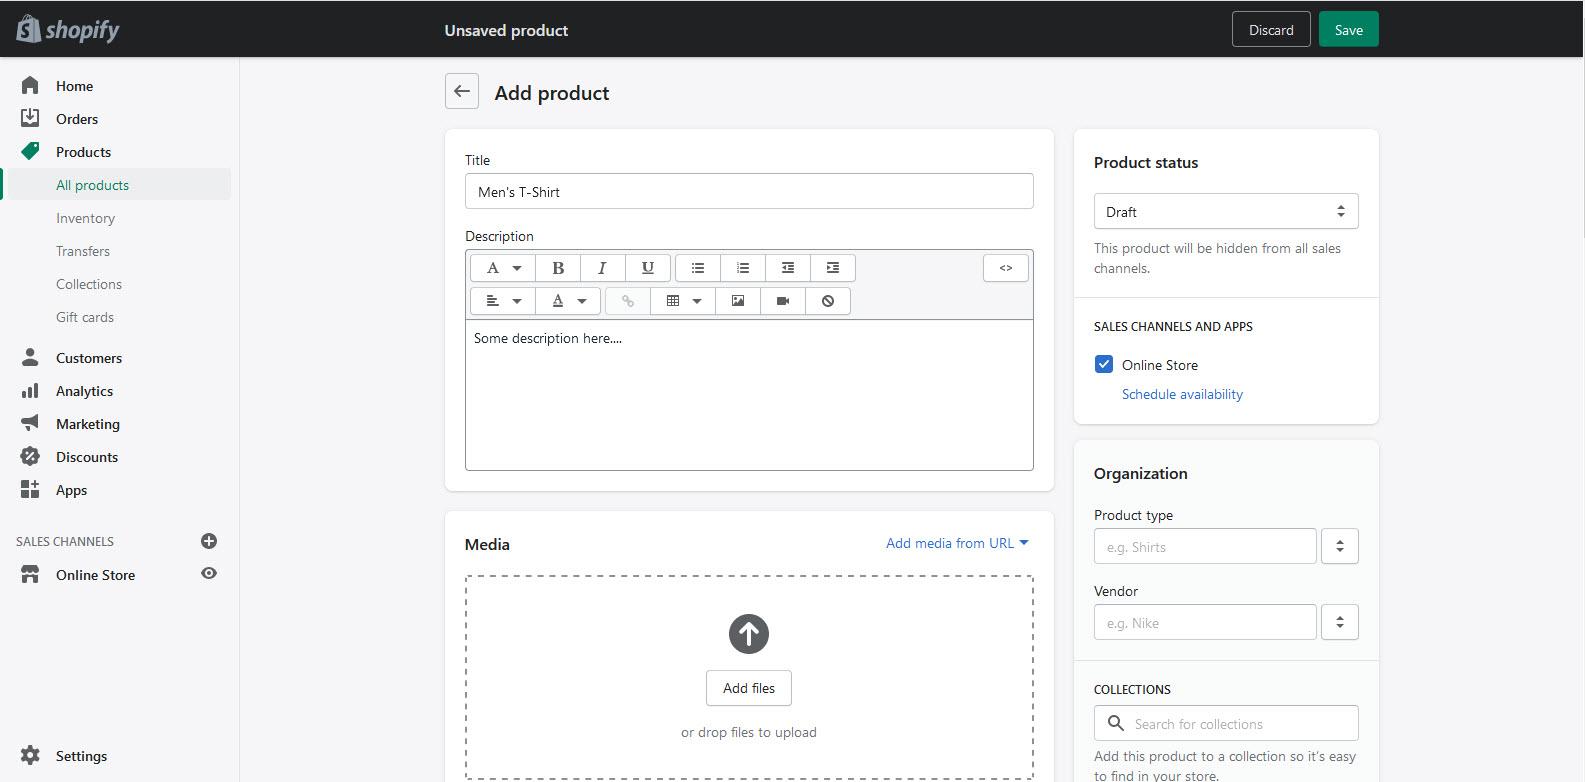 Shopify Tech Hyme Review